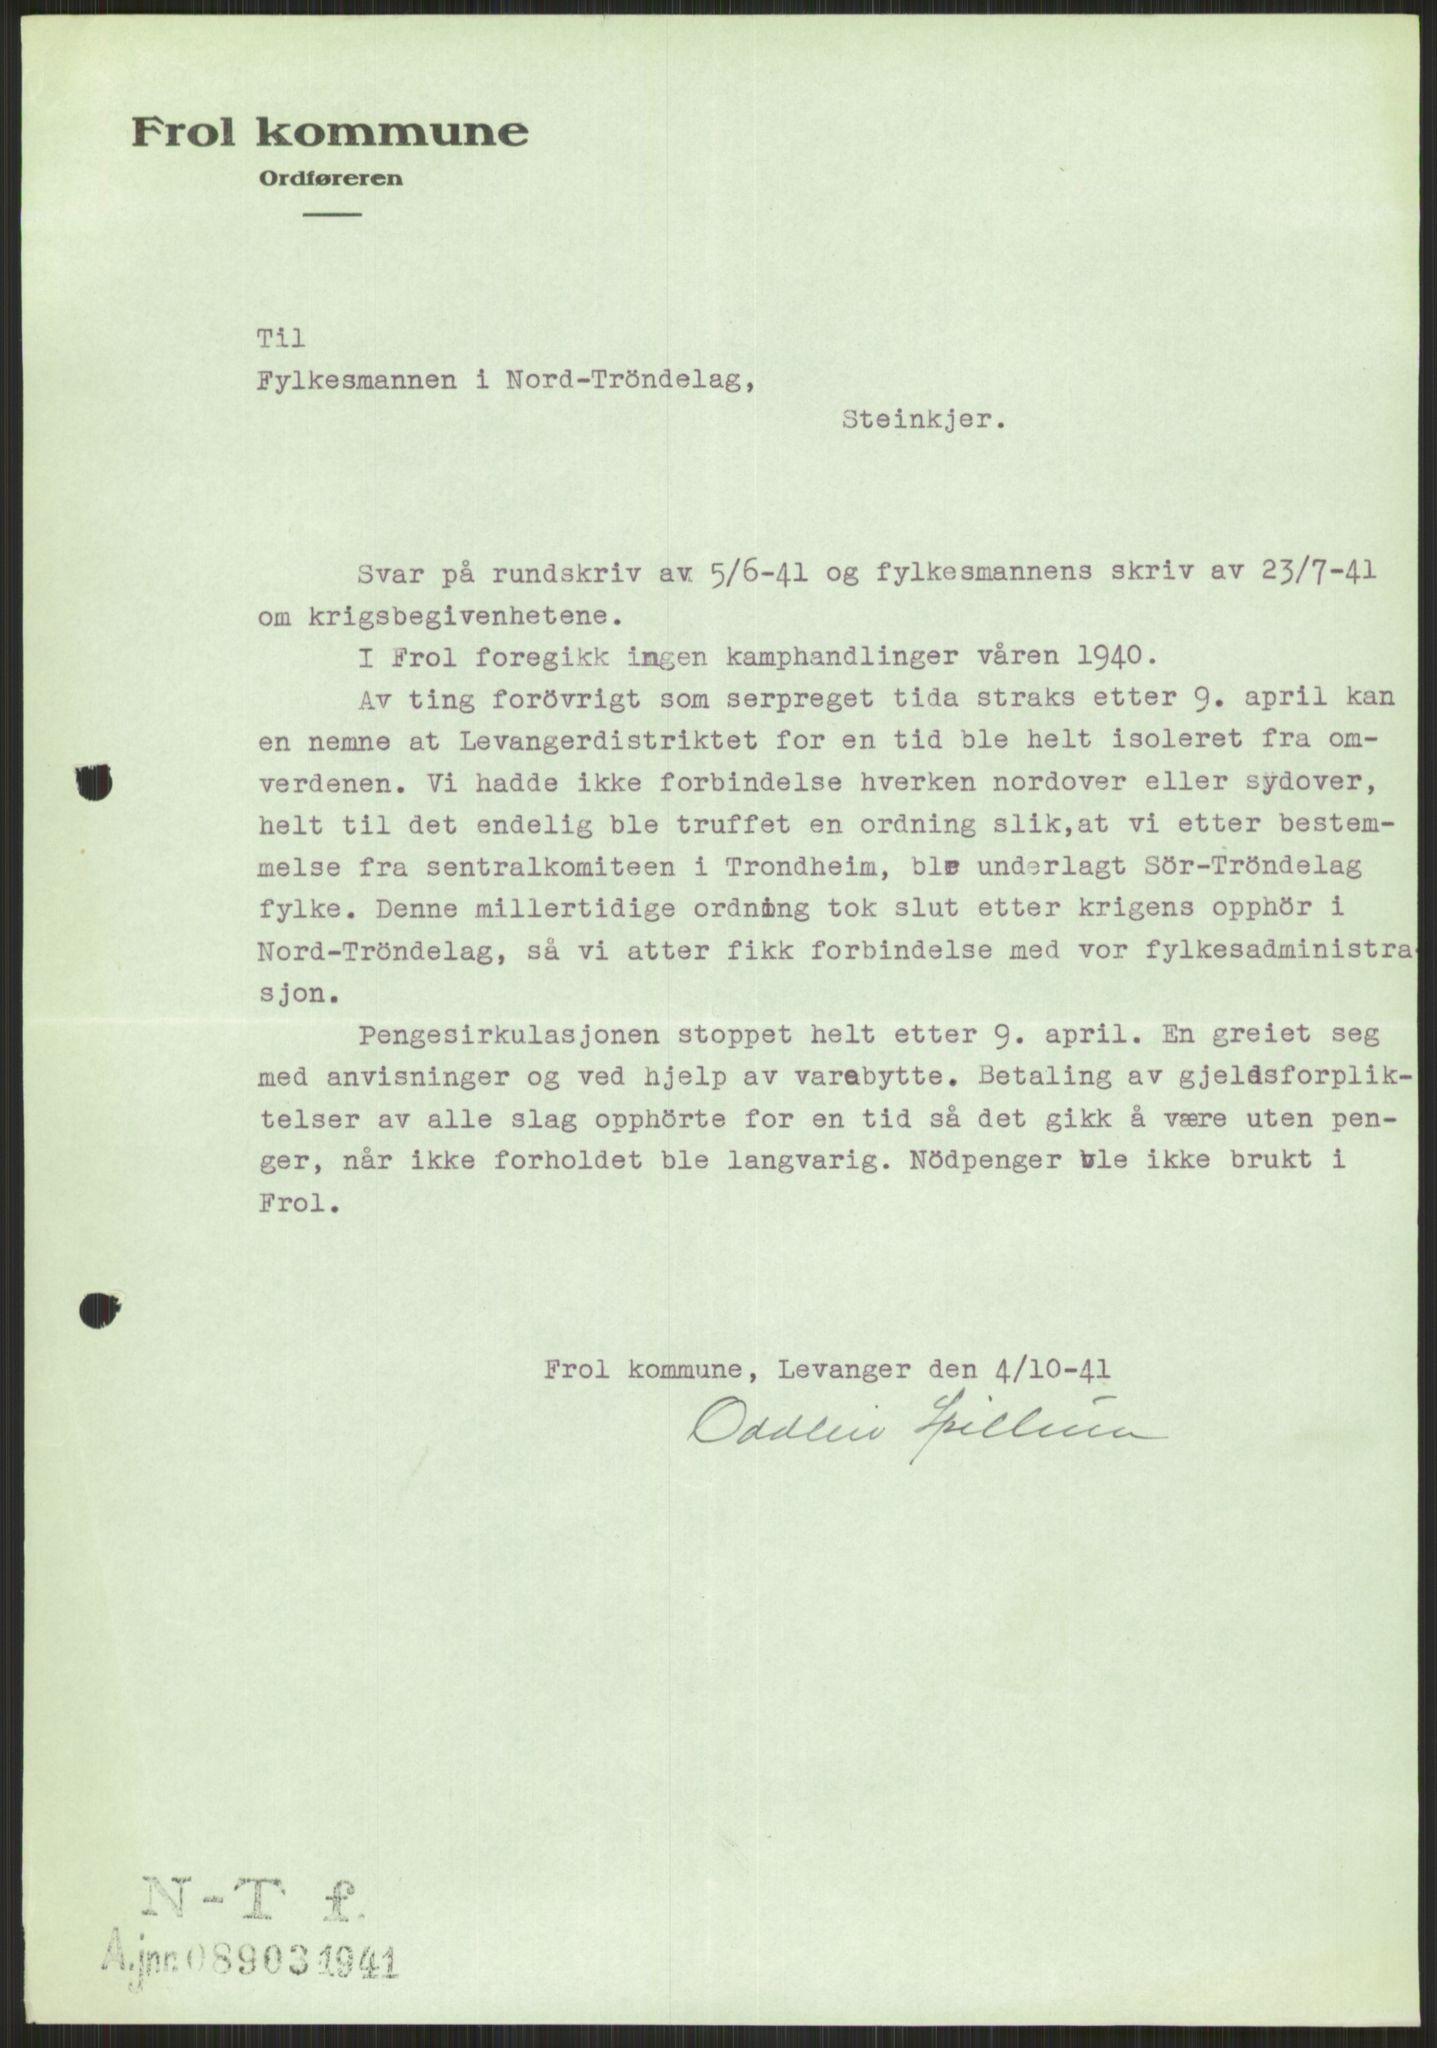 RA, Forsvaret, Forsvarets krigshistoriske avdeling, Y/Ya/L0016: II-C-11-31 - Fylkesmenn.  Rapporter om krigsbegivenhetene 1940., 1940, s. 461